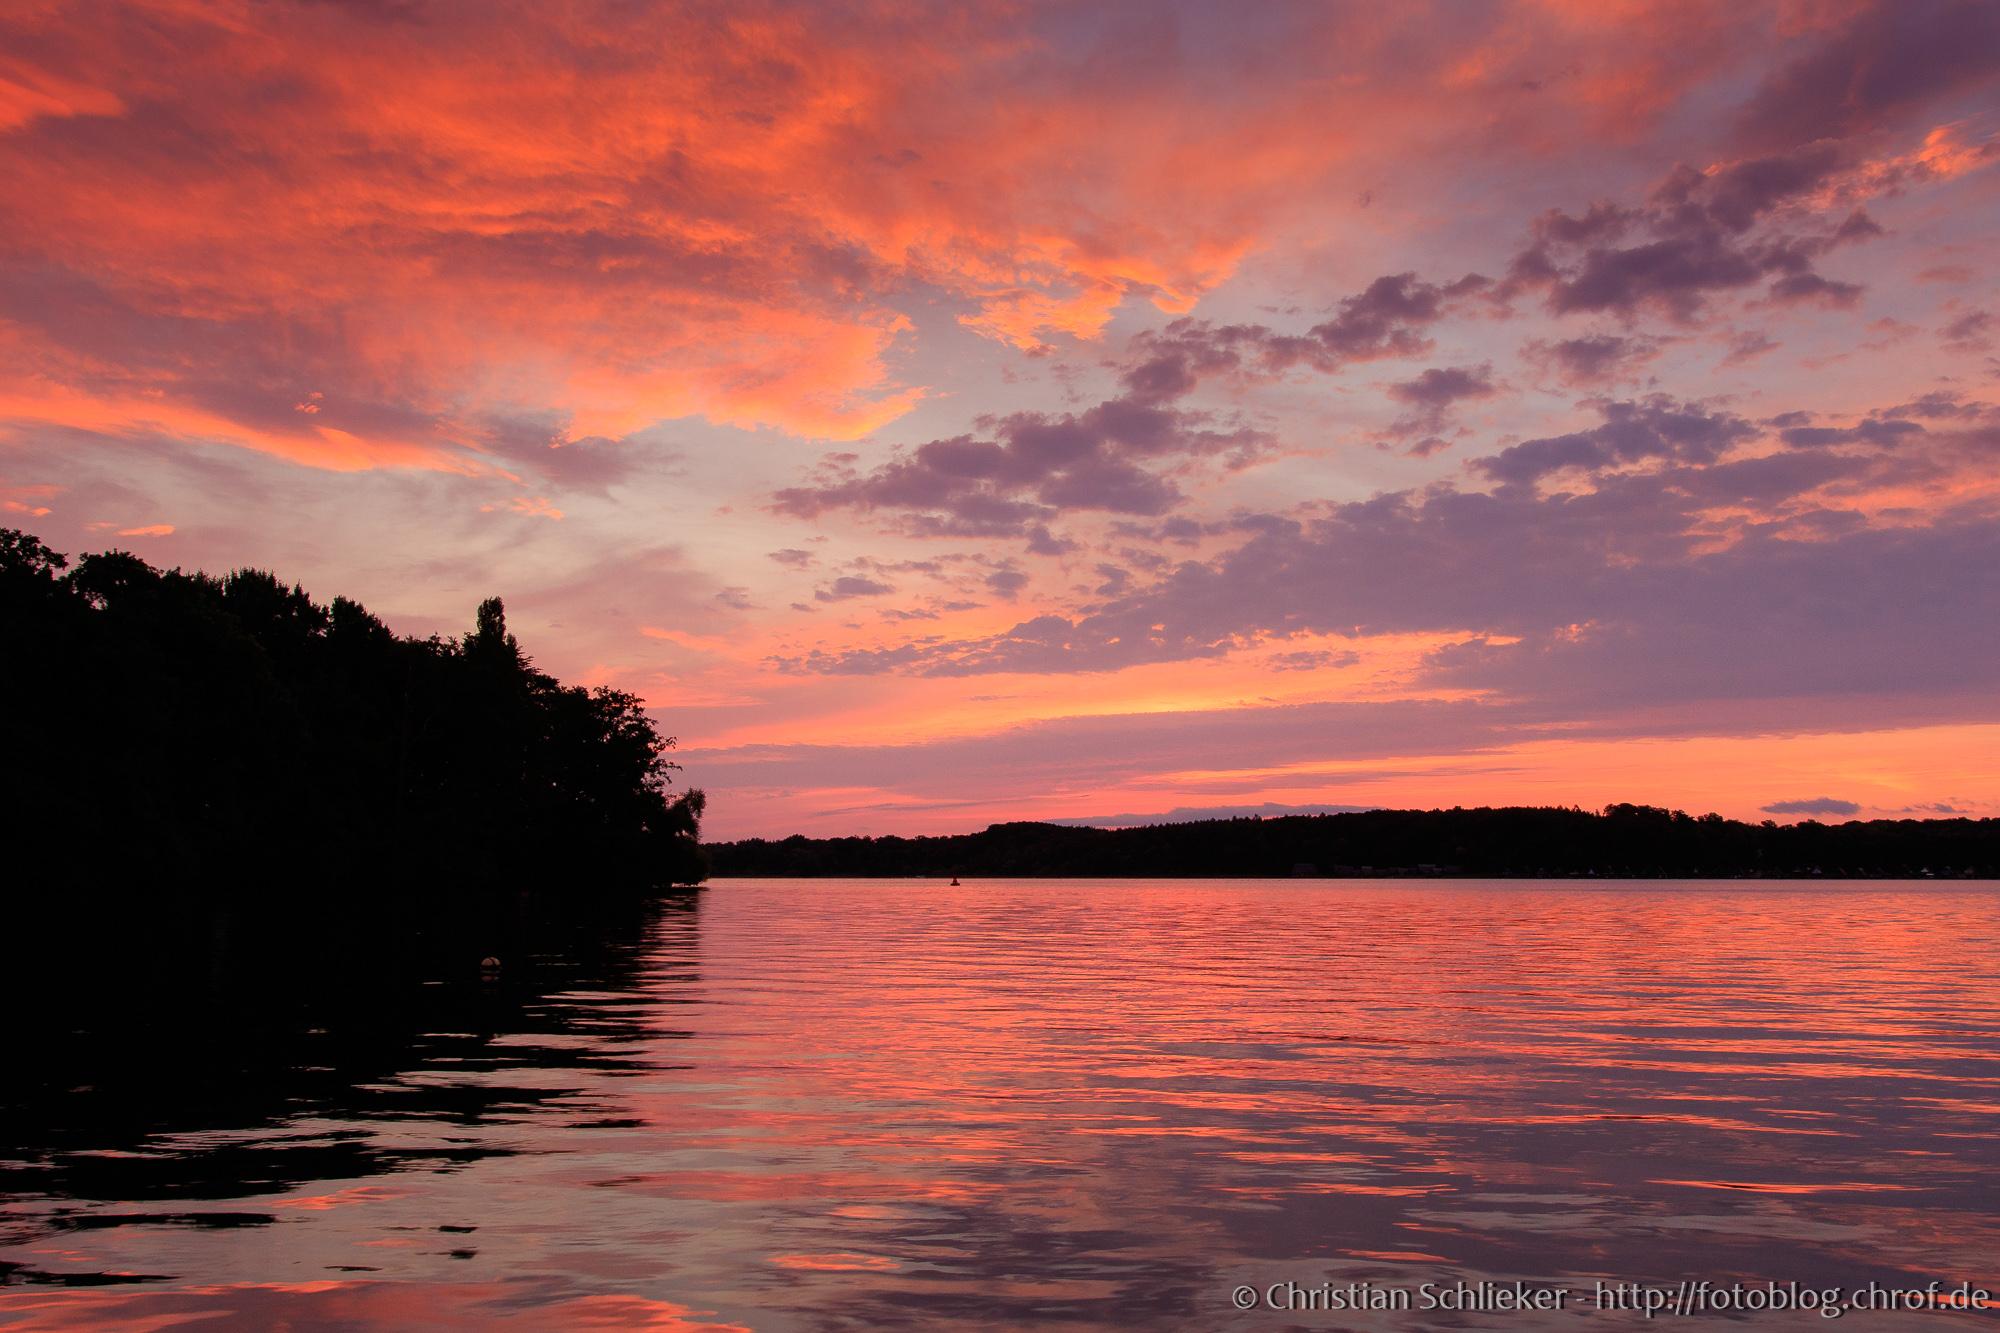 Sonnenaufgang über dem Schweriner Ziegelsee